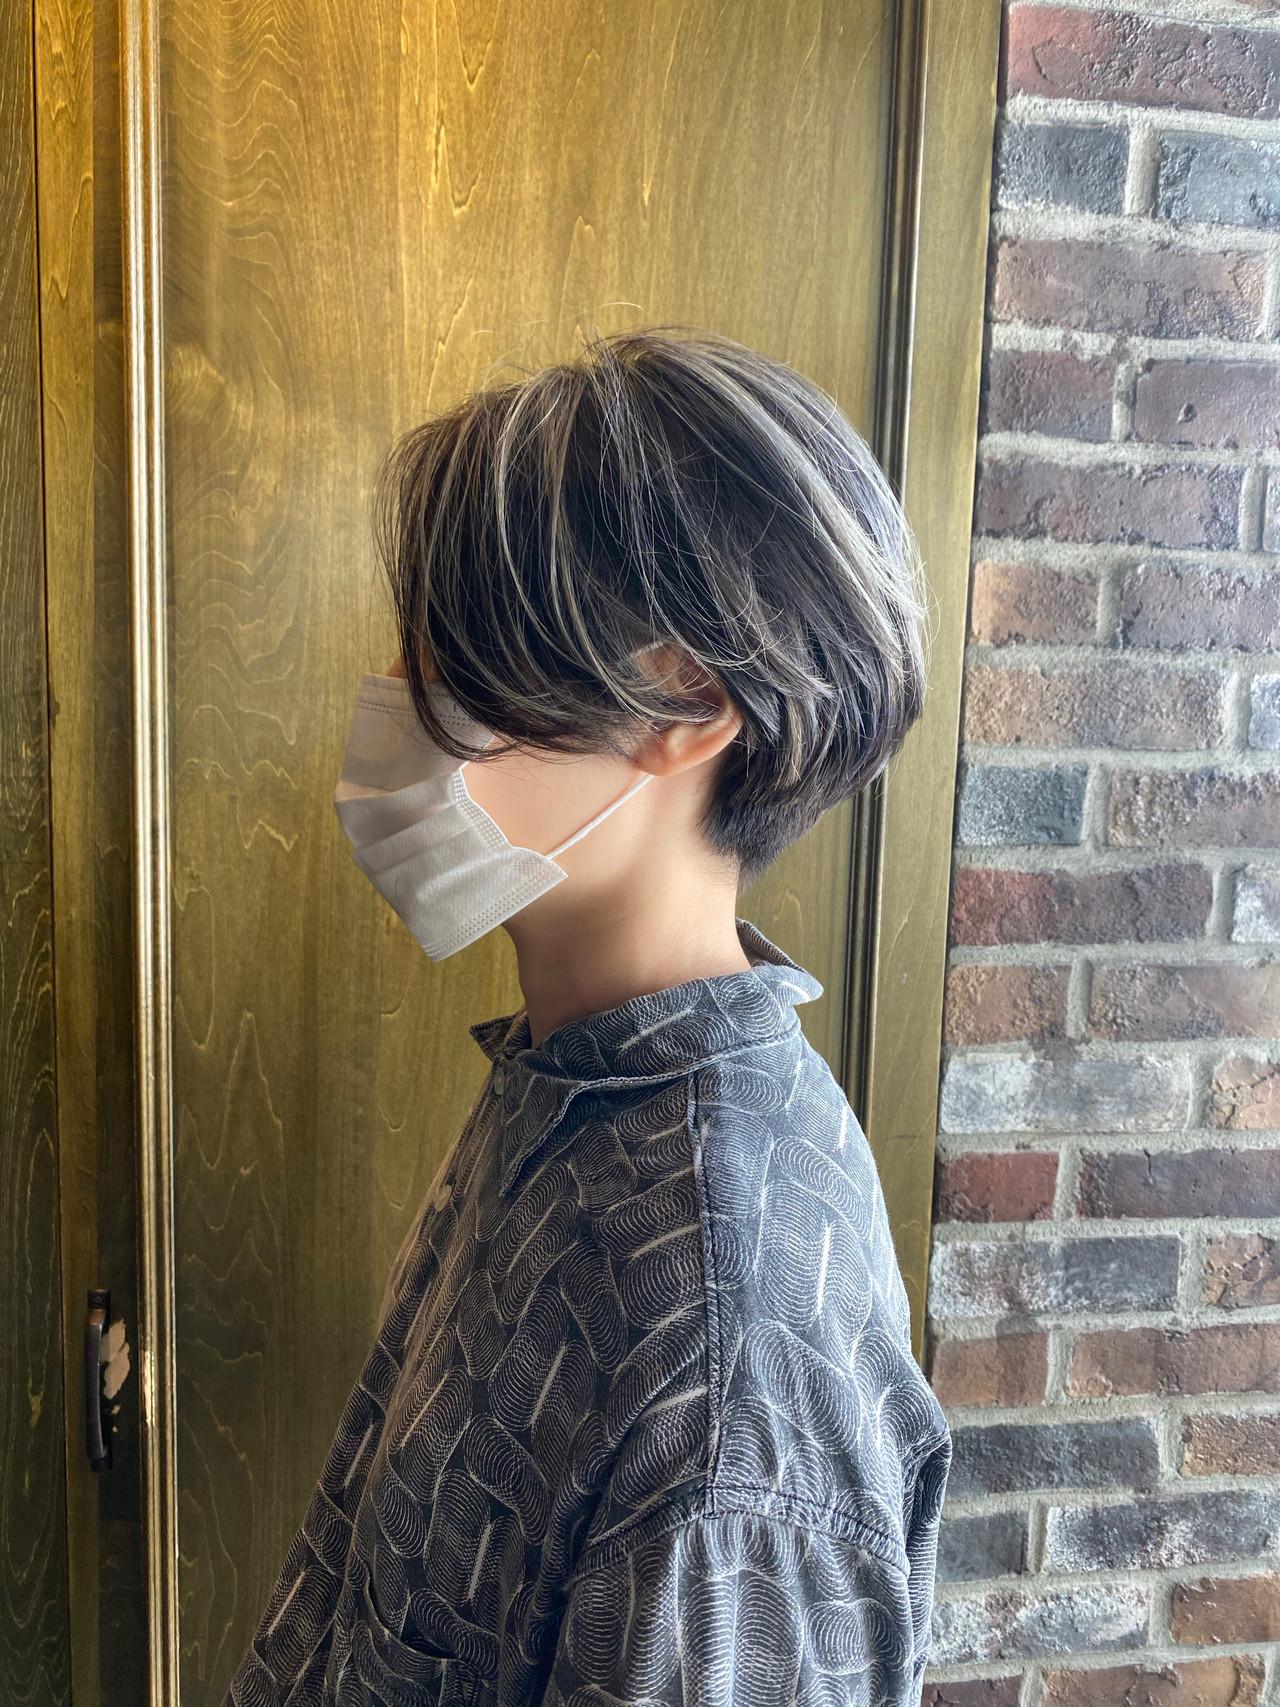 シルバーグレージュ バレイヤージュ ショートヘア ショート ヘアスタイルや髪型の写真・画像